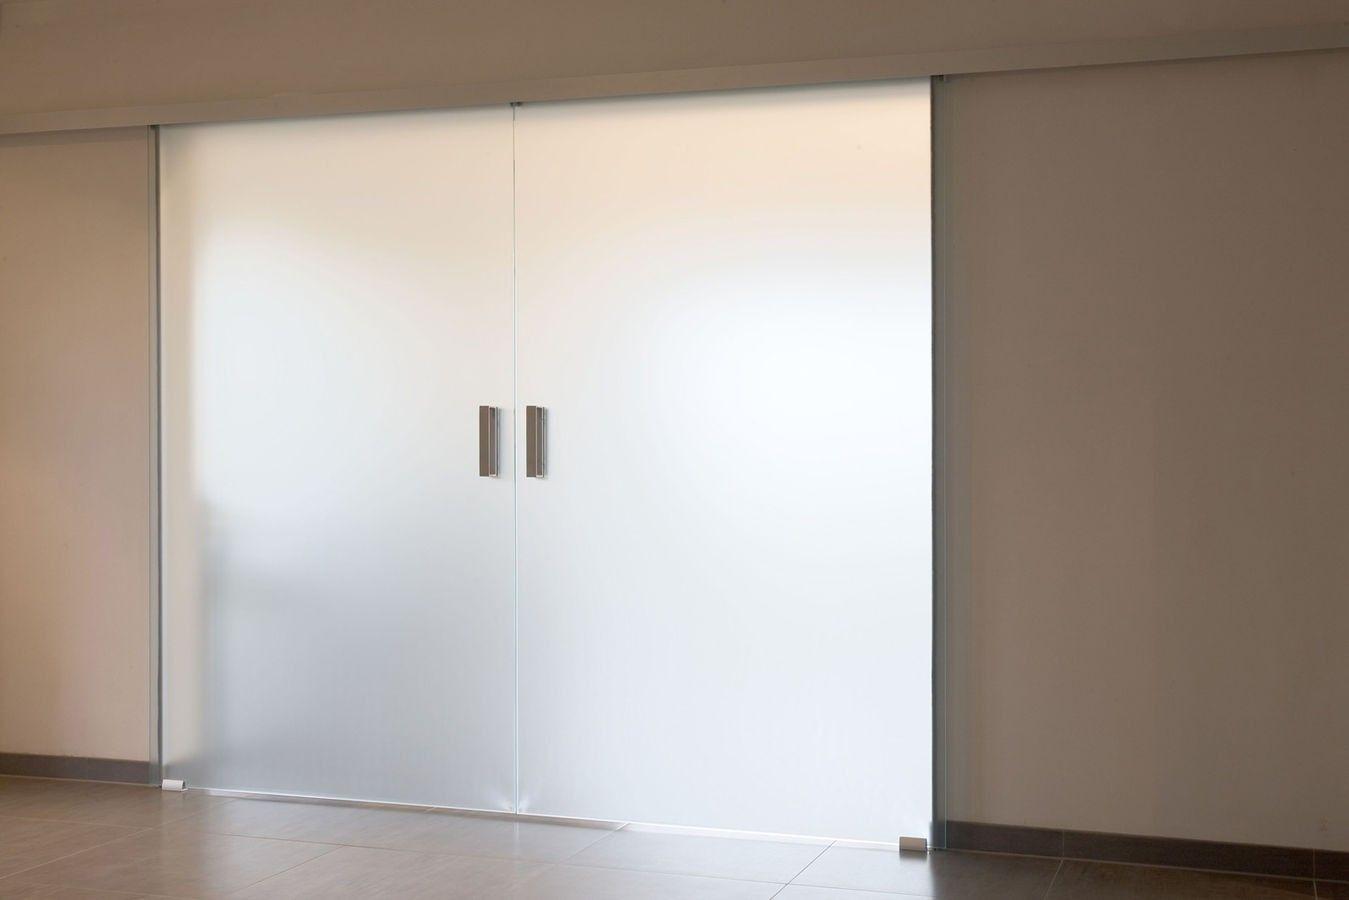 Hardglazen Schuifdeur Voor Binnen Glazen Schuifdeur Schuifdeur